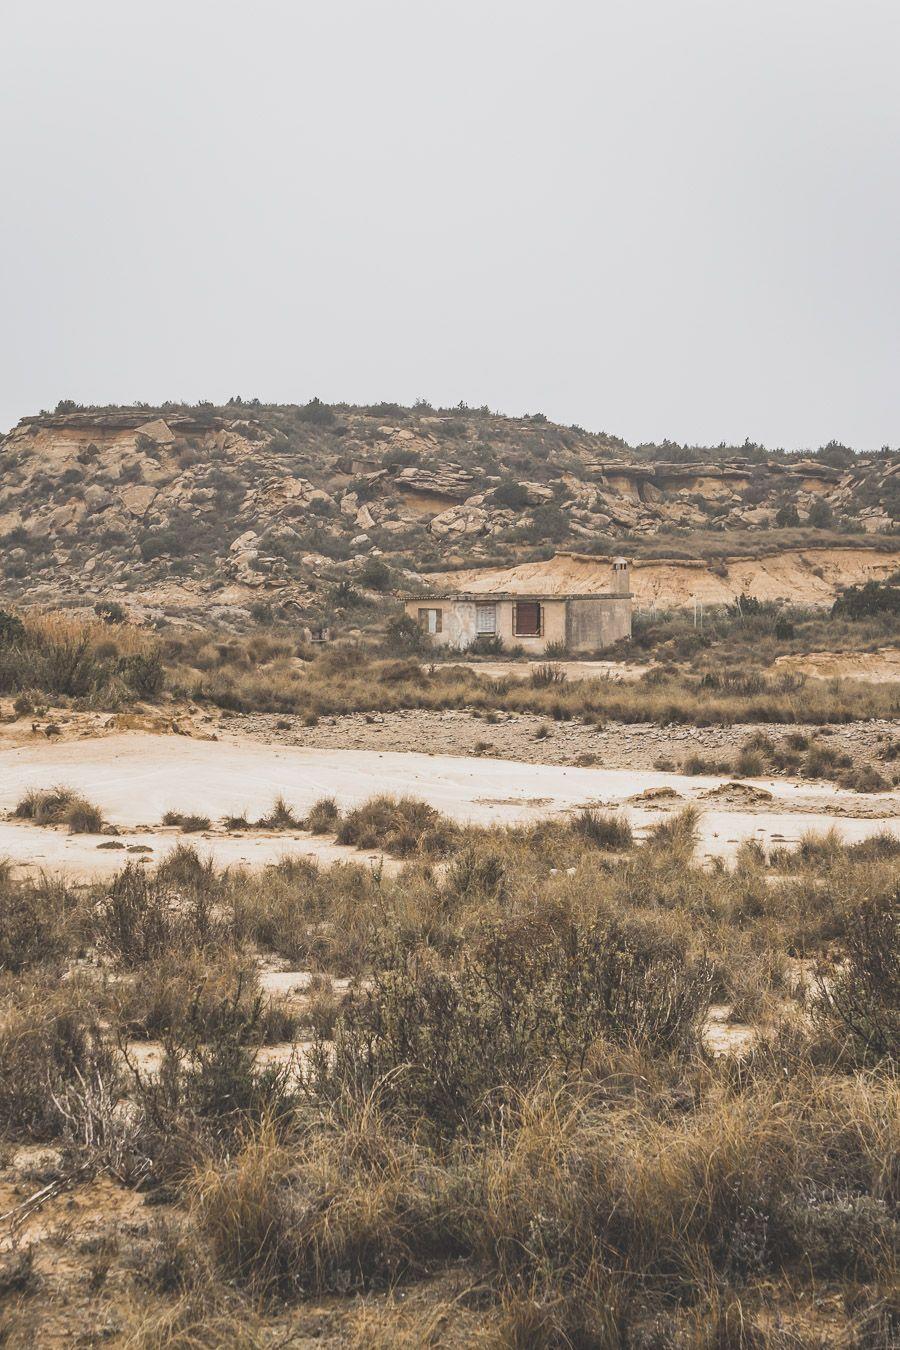 le désert des Bardenas Reales en Espagne